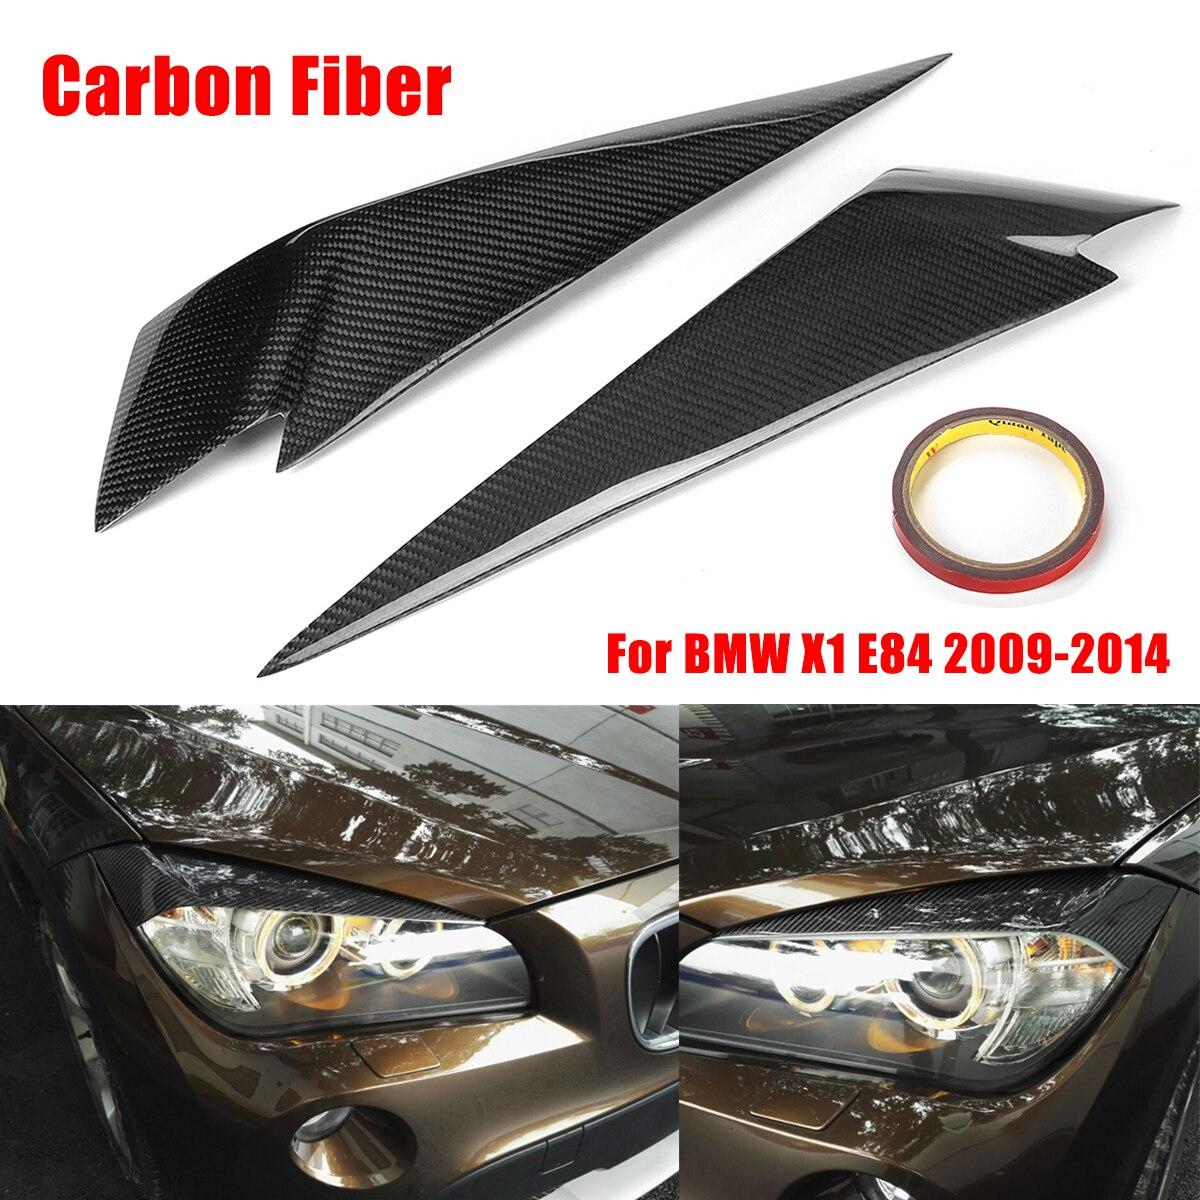 1 paire De Fiber De Carbone paupières de Phares Paupières de Couverture Garniture pour BMW X1 E84 2009-2014 Car Styling pour Avant projecteur